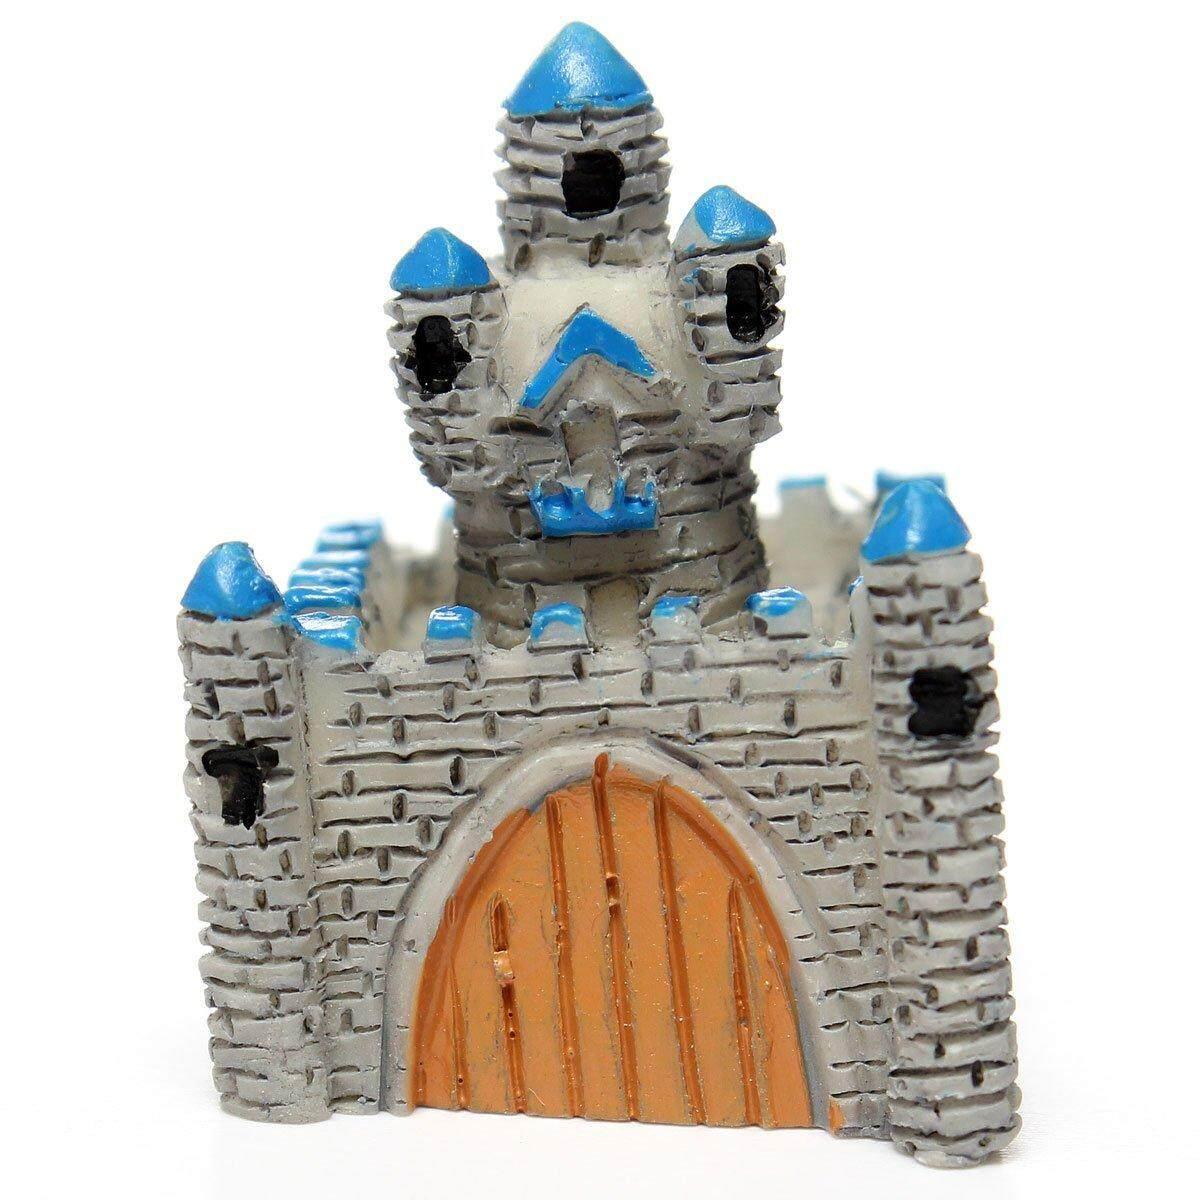 Miniatur Resin Villa Rumah Boneka Peri Ornamen Pot Tanaman Kerajinan Dekorasi Rumah Abu-abu Muda-Internasional